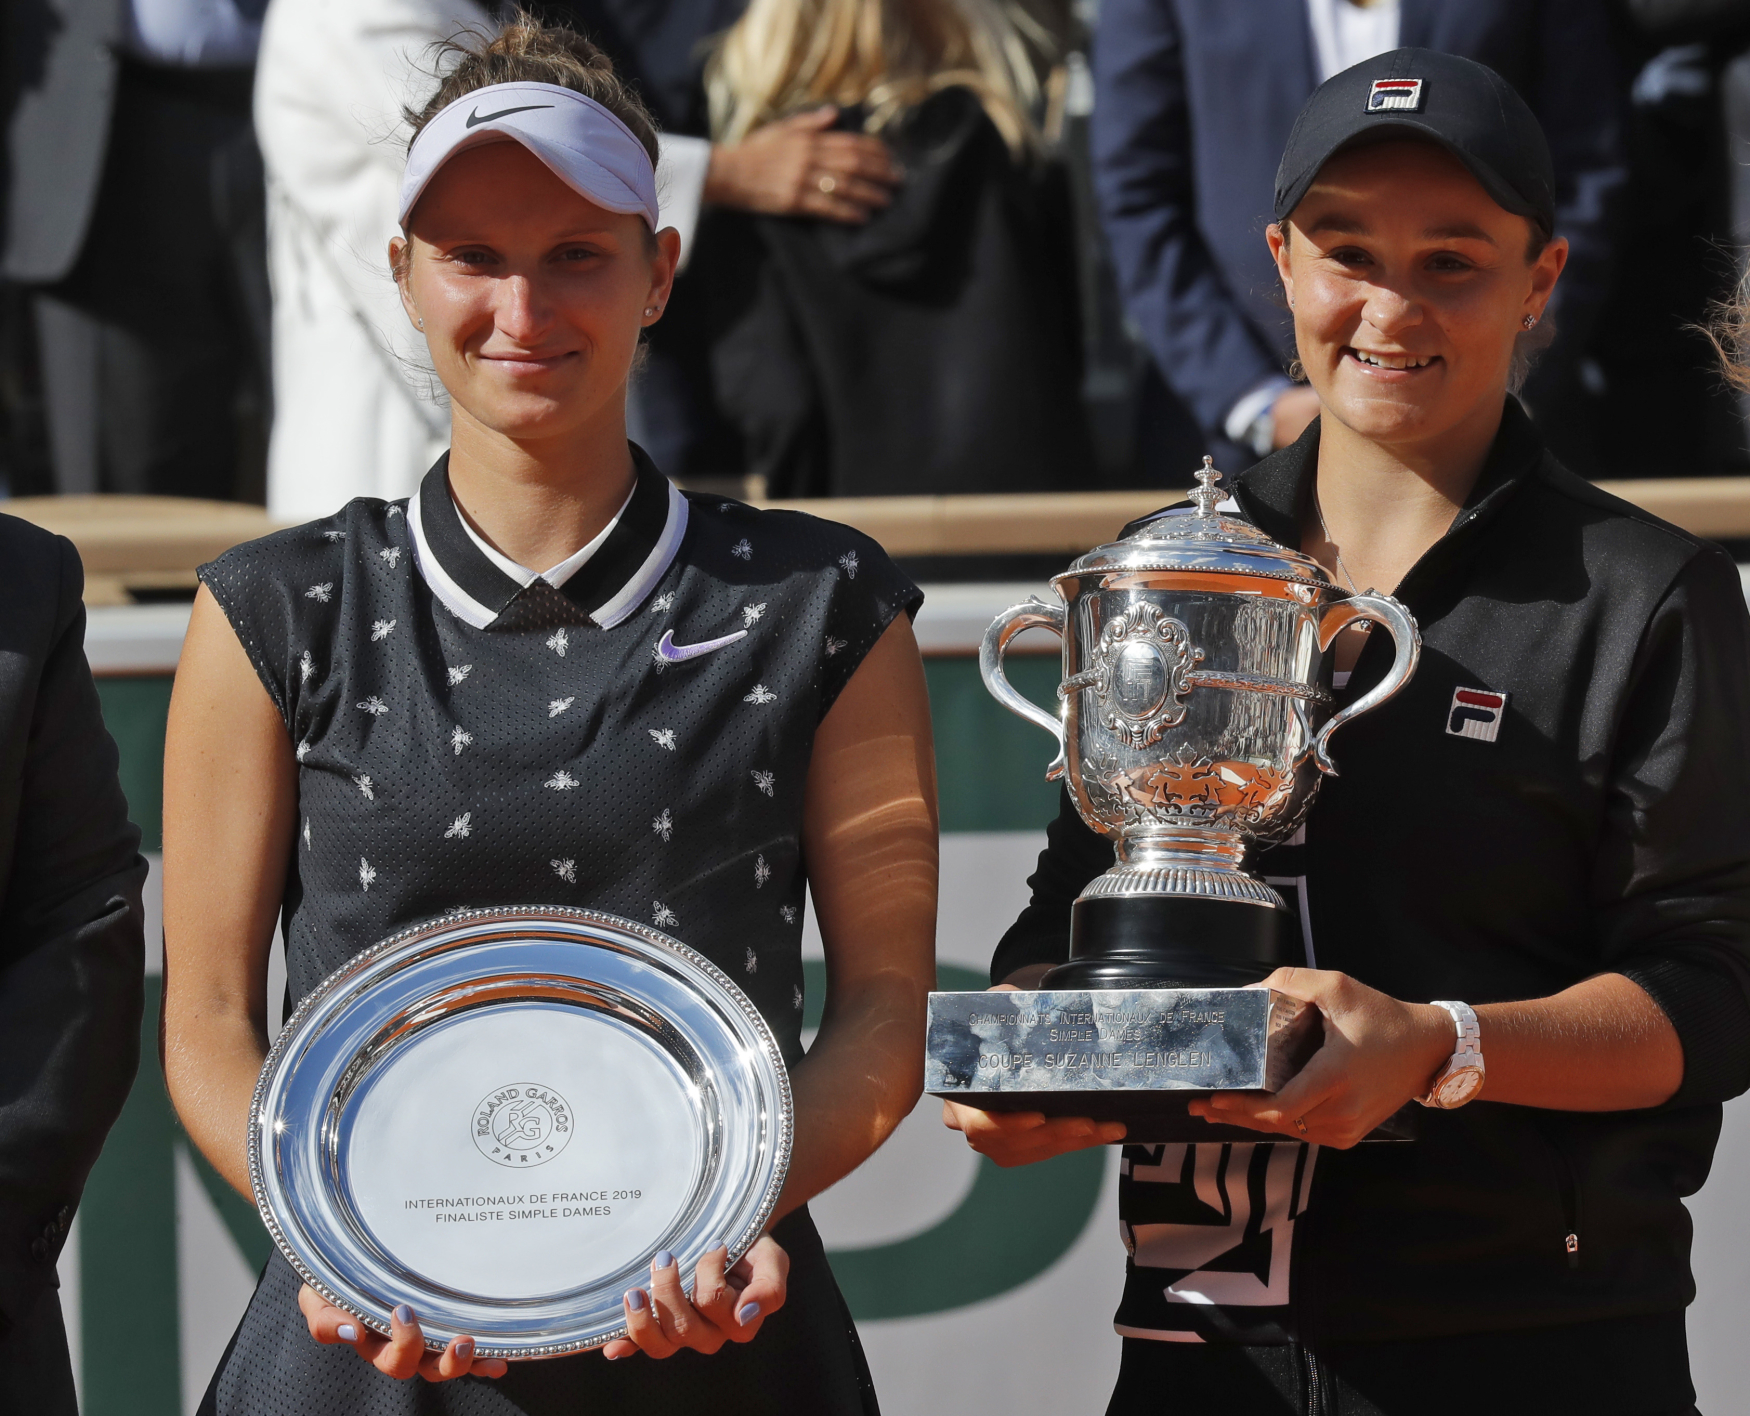 Markéta Vondroušová y Ashleigh Barty, foto: ČTK / AP Photo / Michel Euler